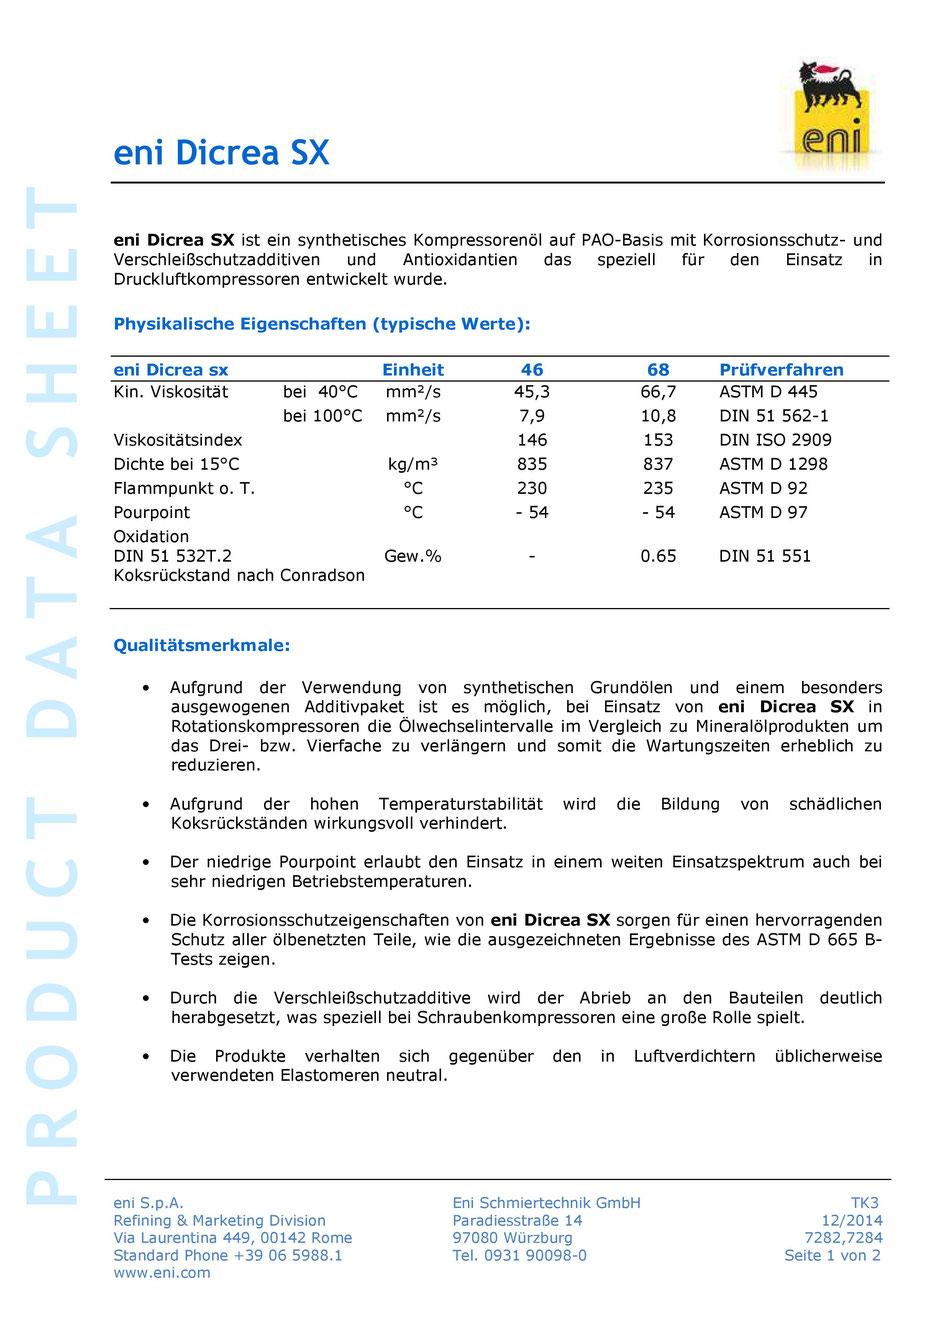 Bild: Produktdatenblatt eni / agip Dicrea SX 46 Datenblatt Seite 1